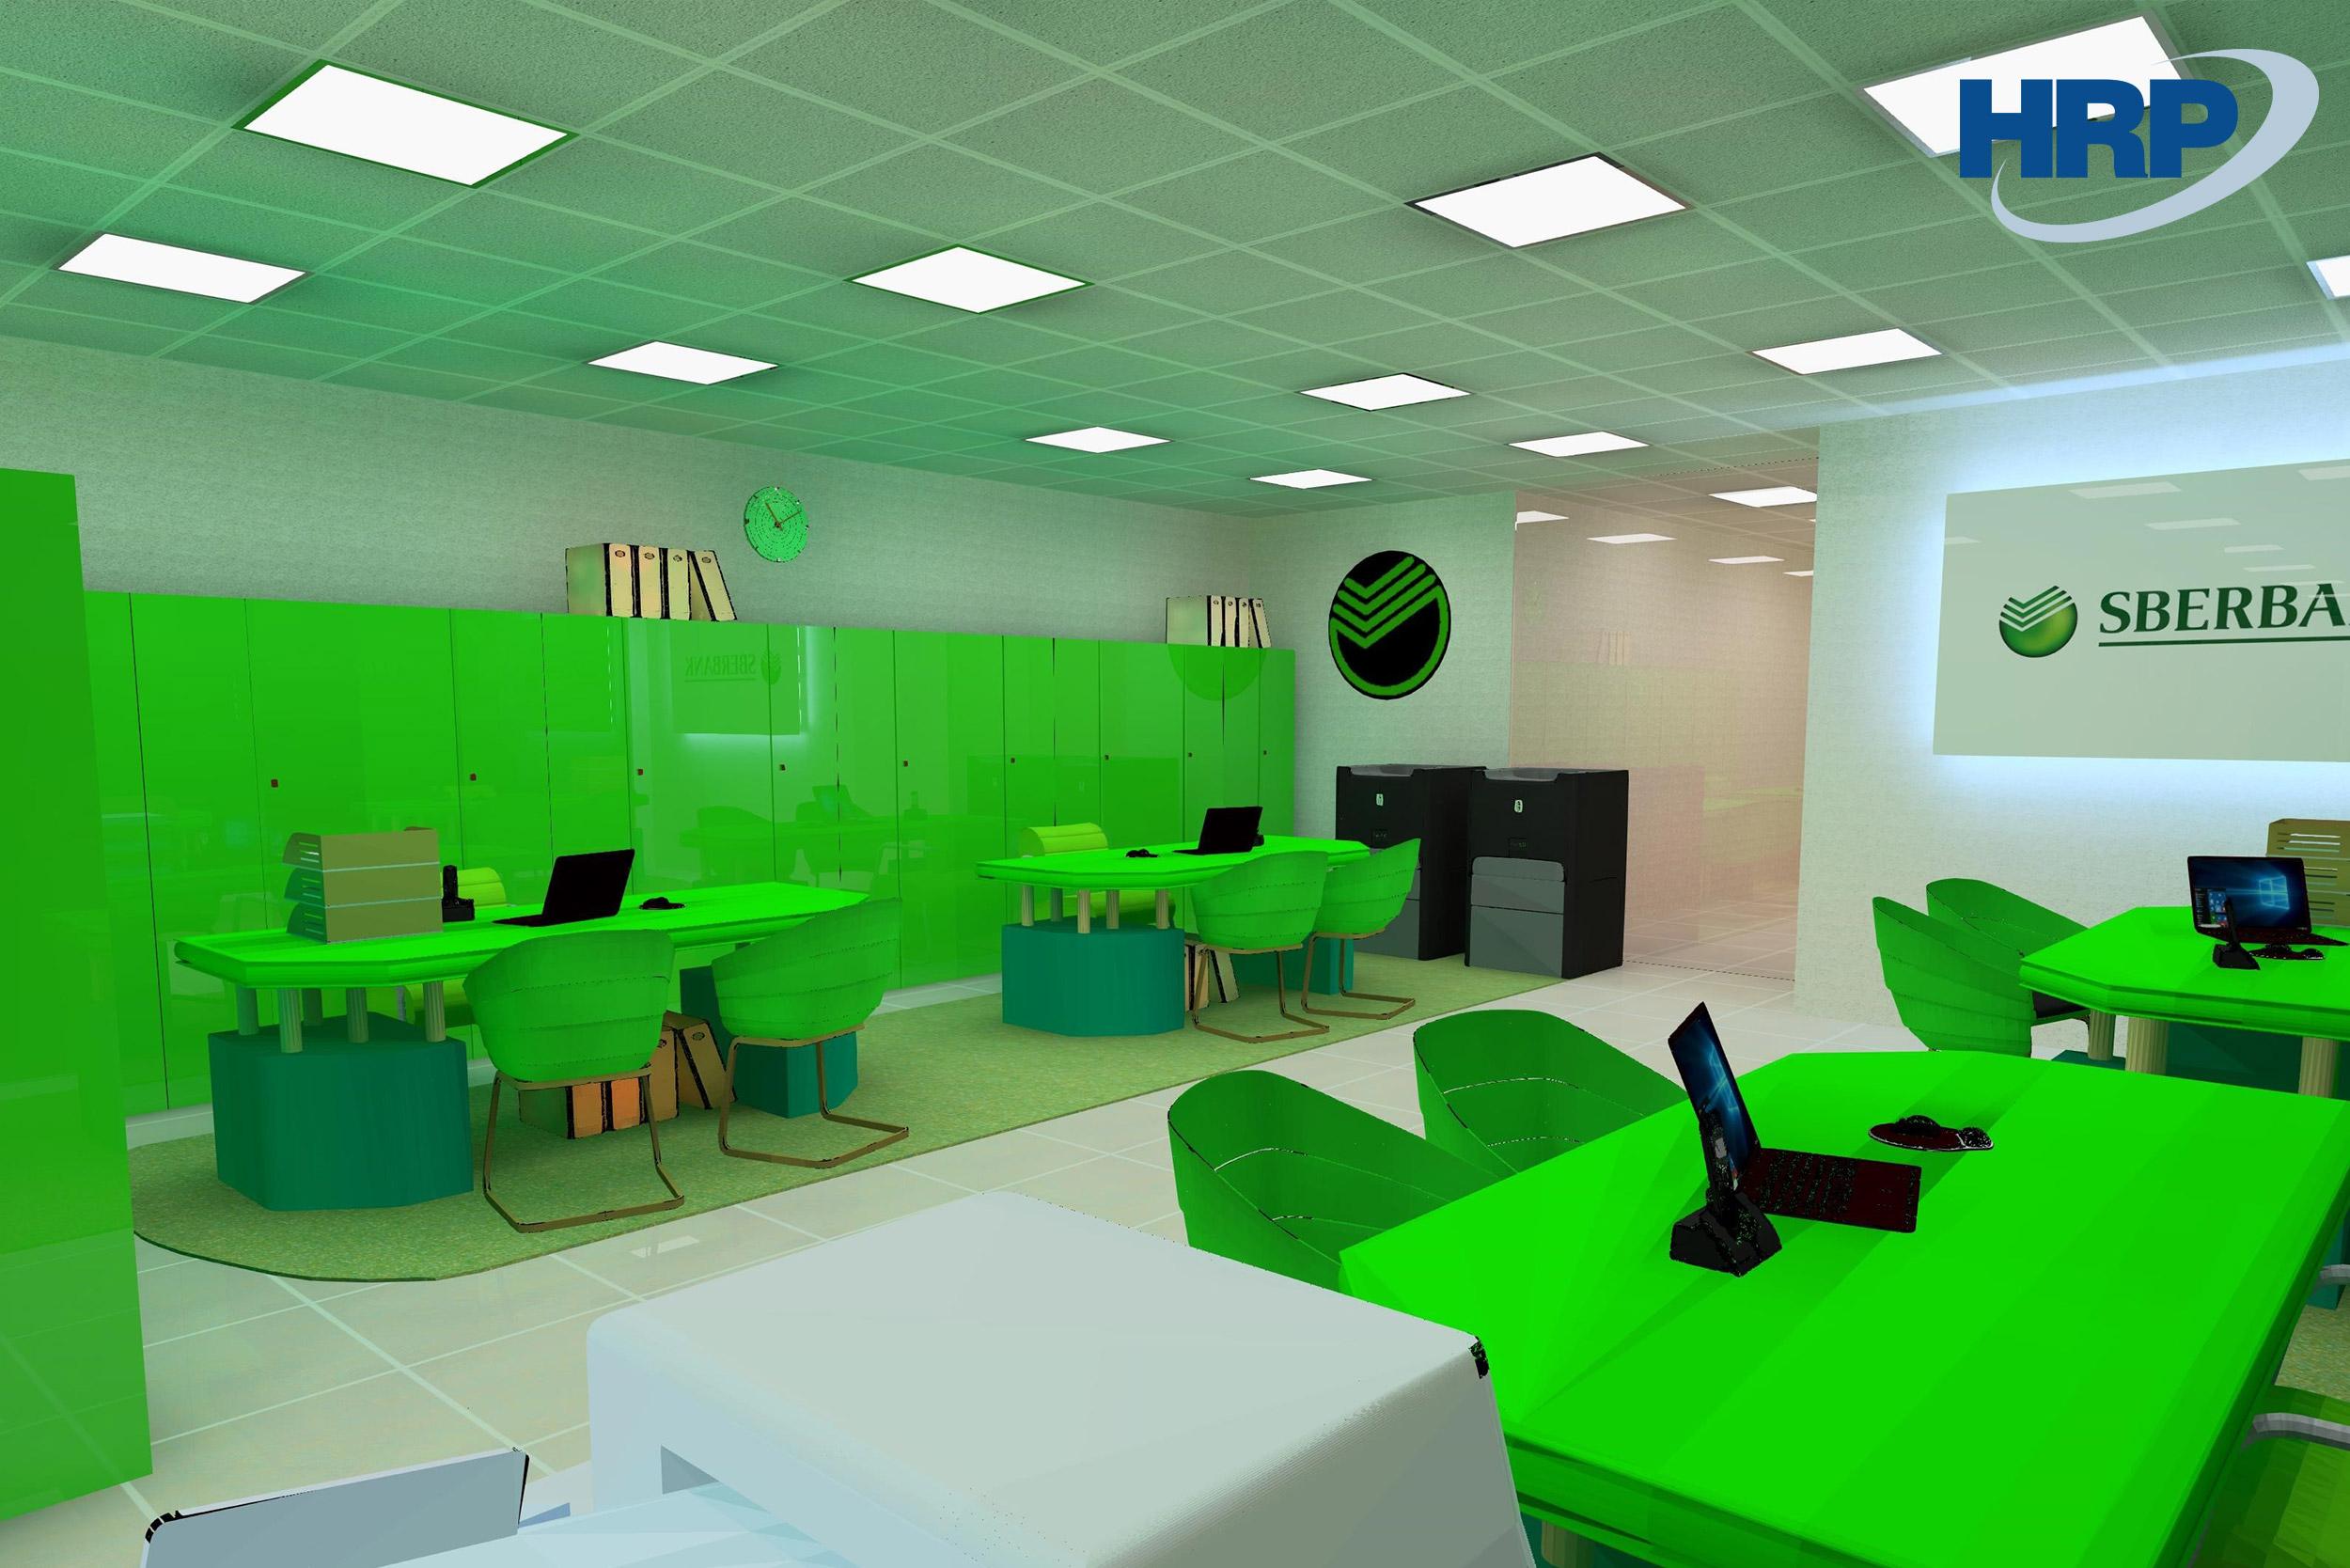 Sberbank 3D világítás látványterv